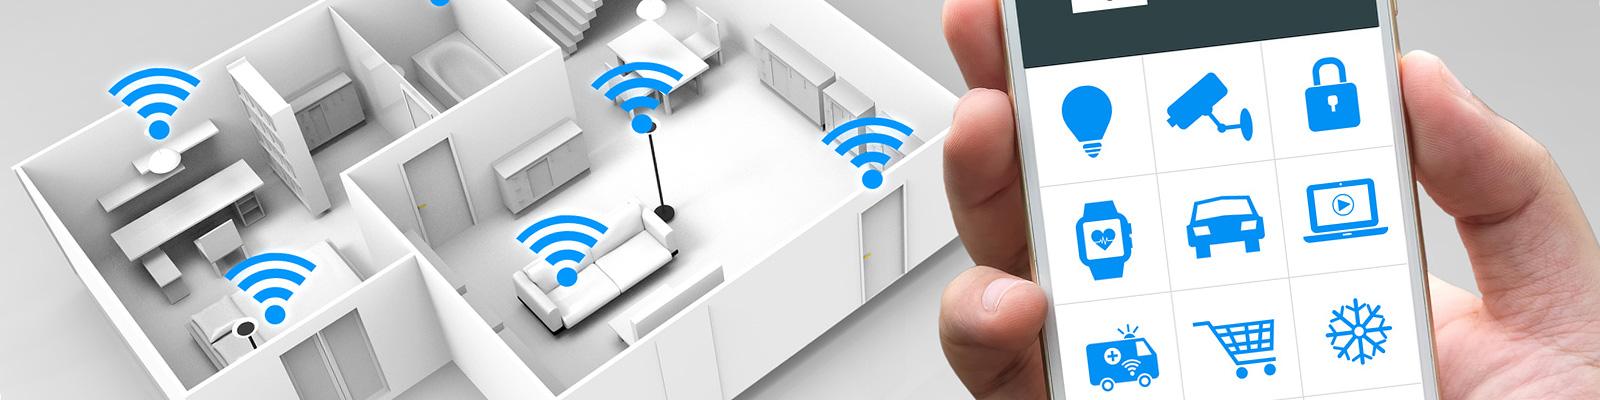 家庭 ネットワーク イメージ